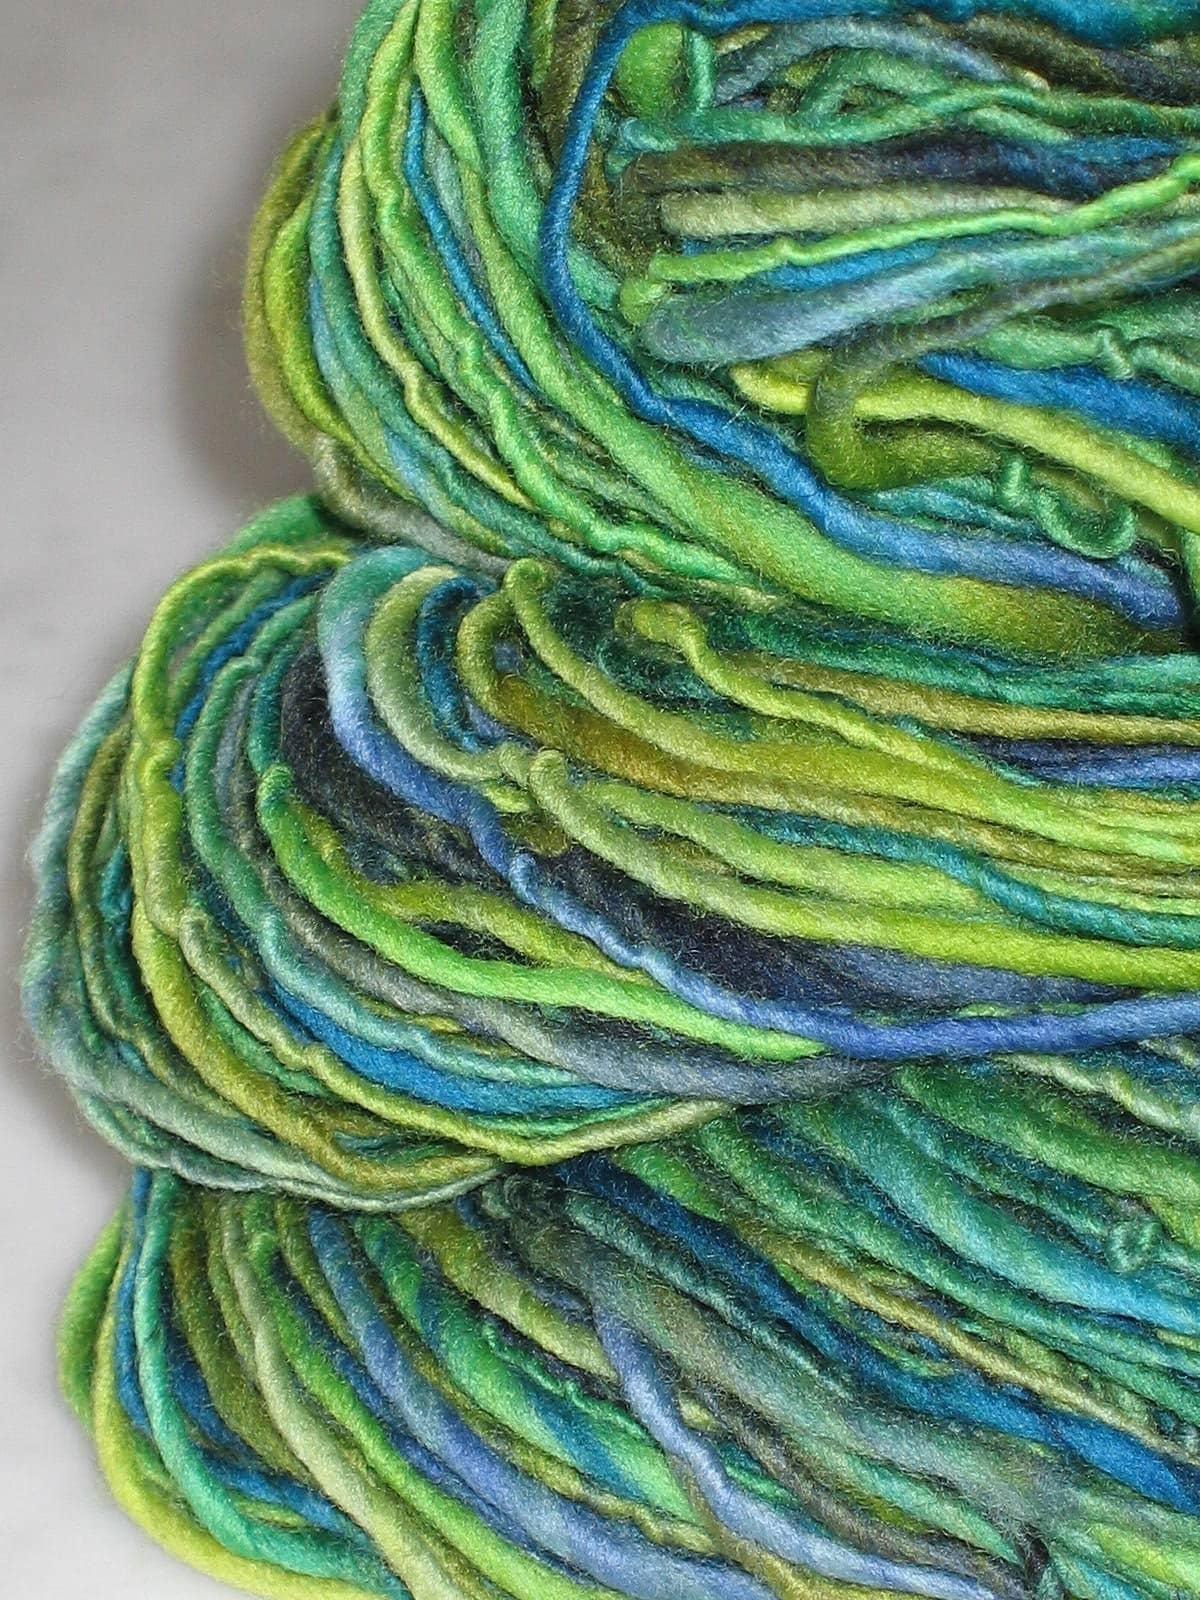 VERDI -handspun and handpainted pure merino yarn by pancake and lulu